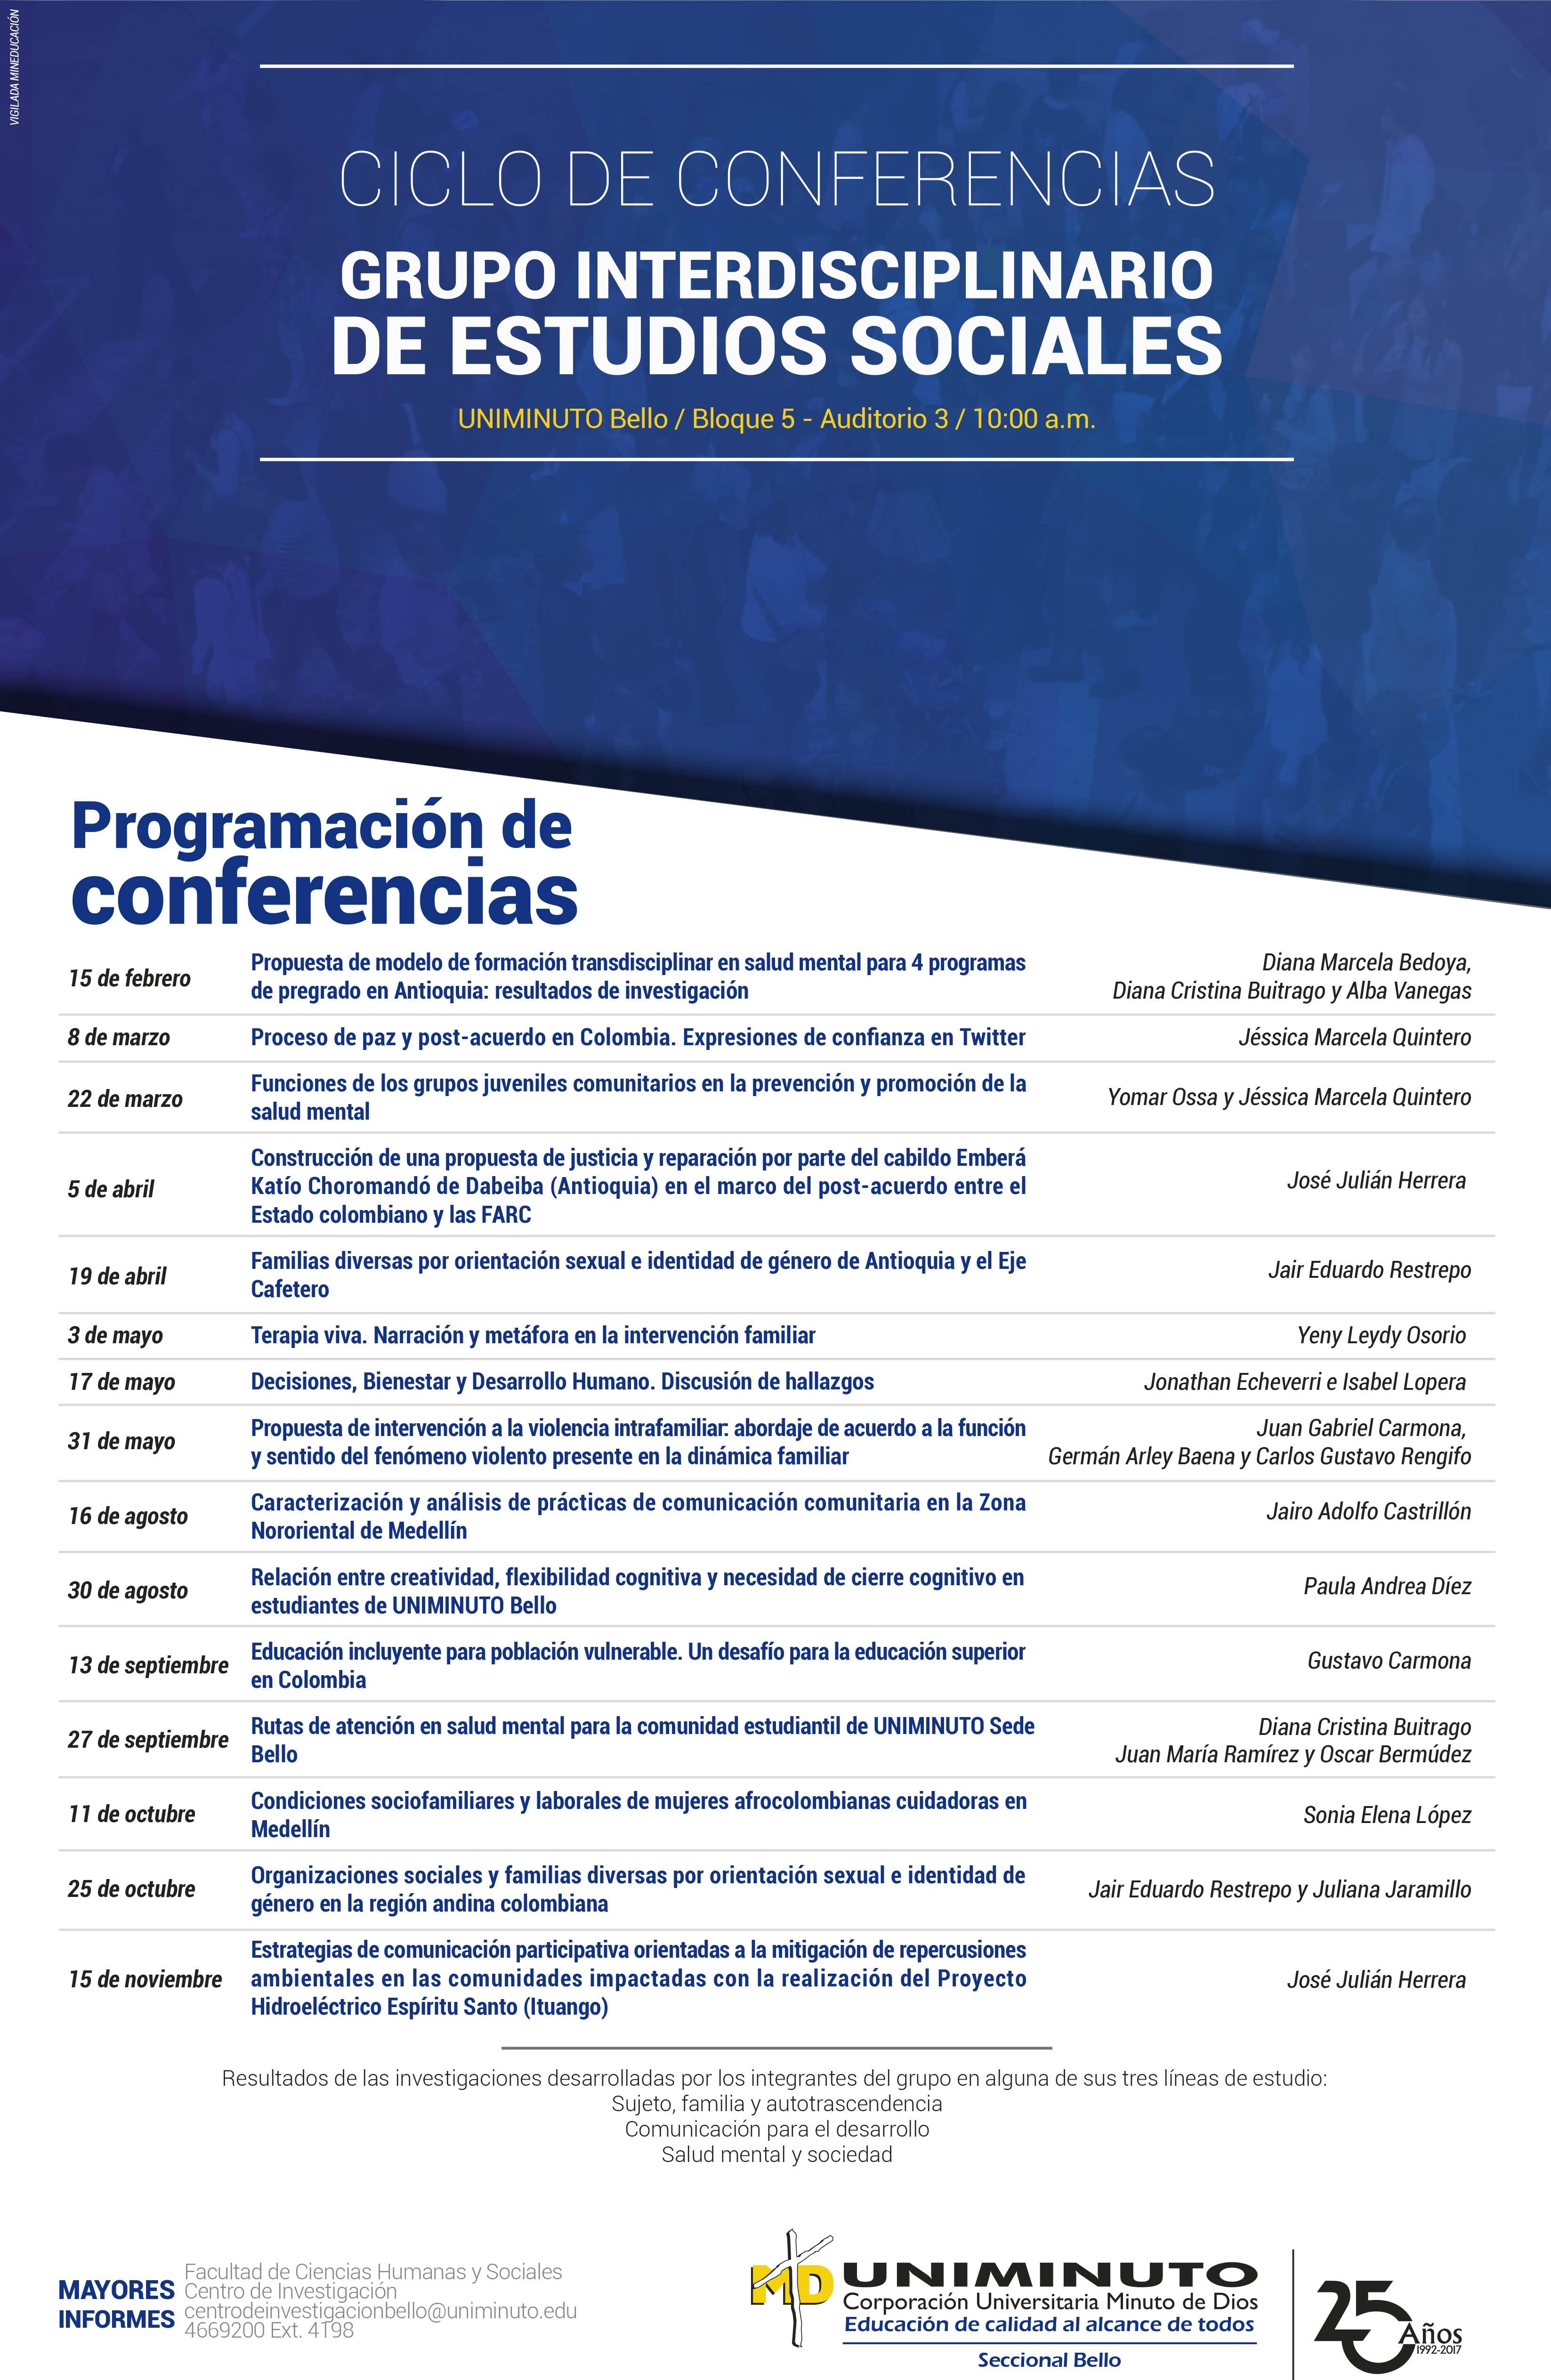 Programación del ciclo de conferencia